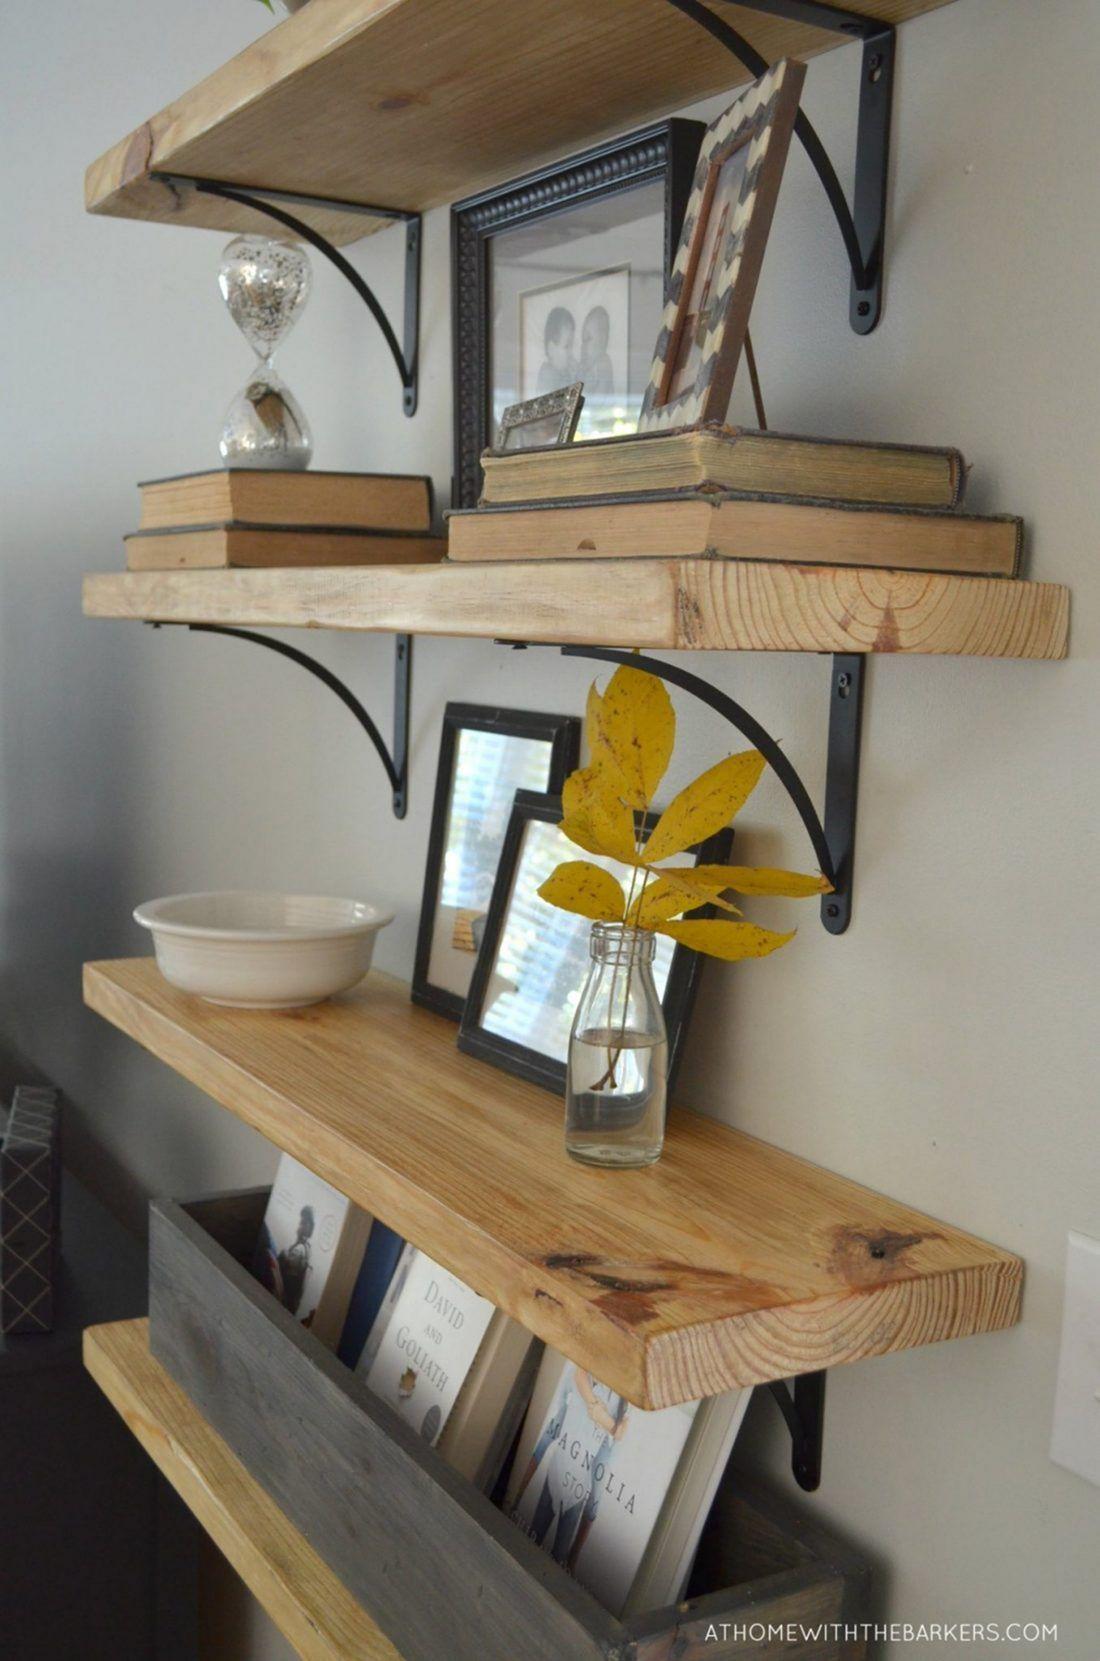 35 Most Wonderful DIY Shelves Design Easy to Make Itself – pickndecor.com/furniture